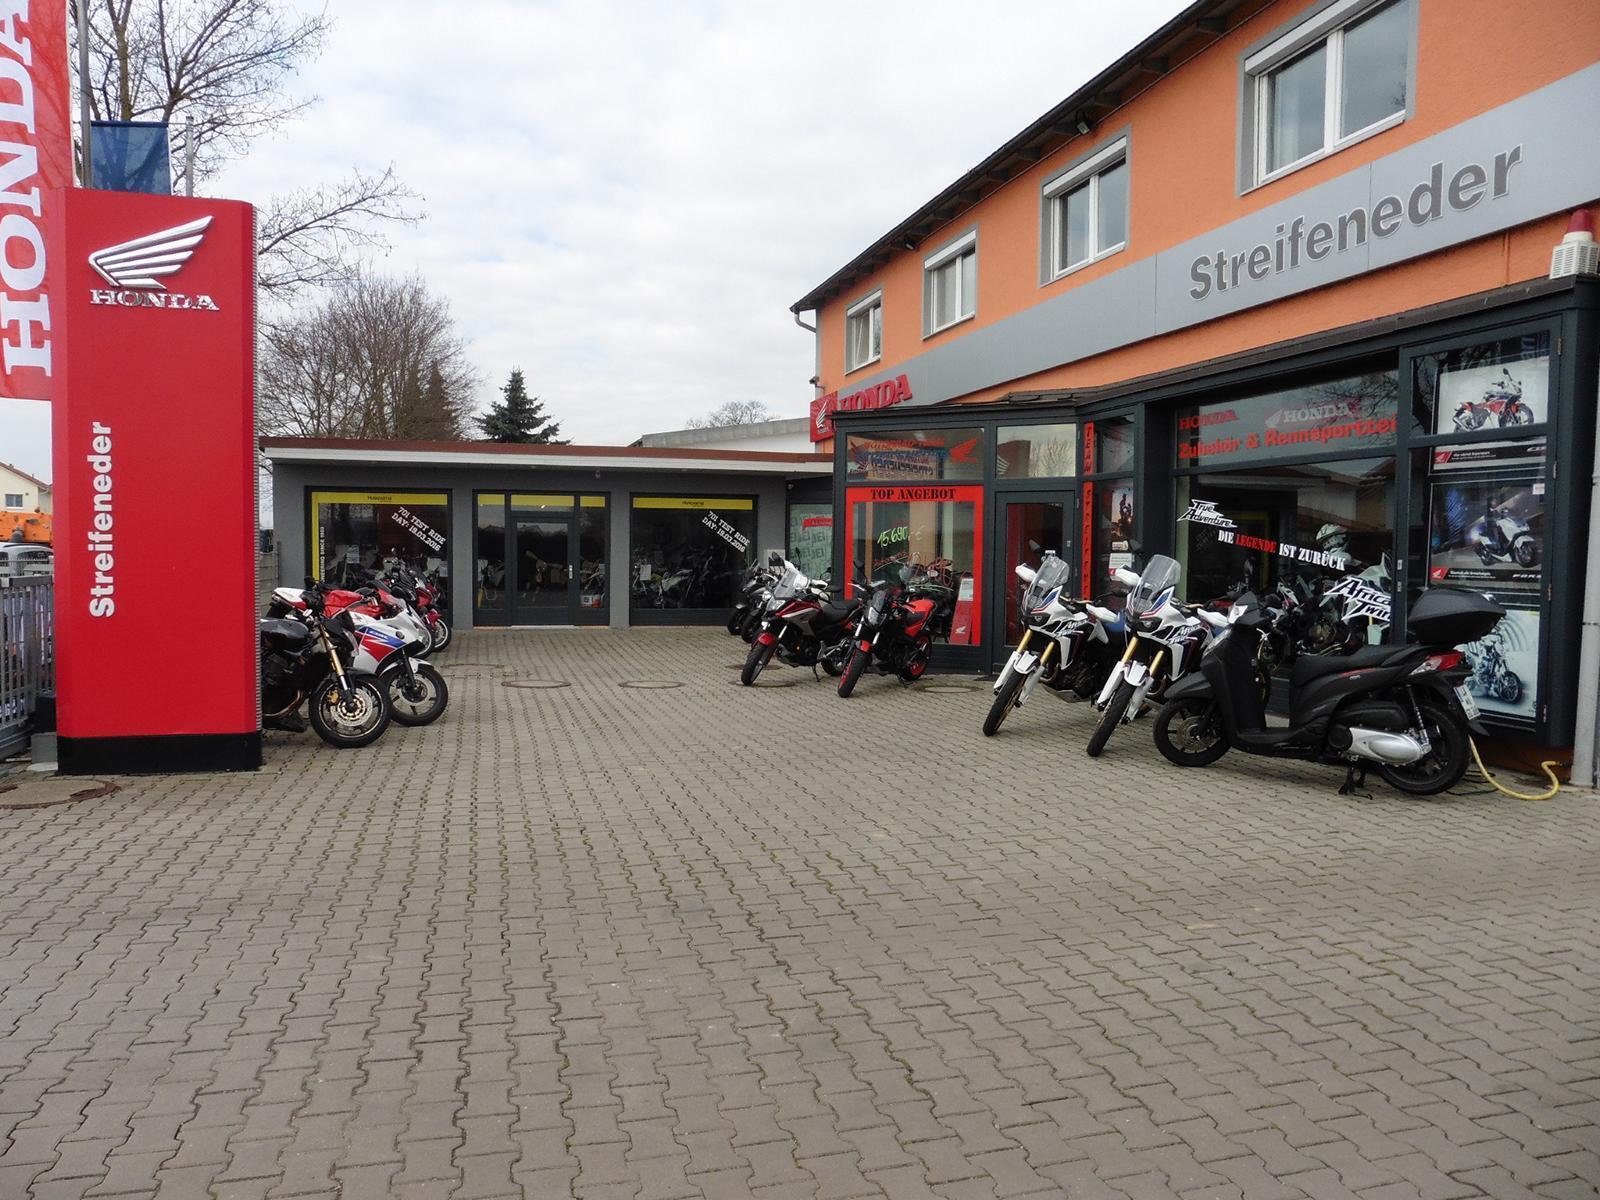 Unternehmensbilder Motorrad Streifeneder 19